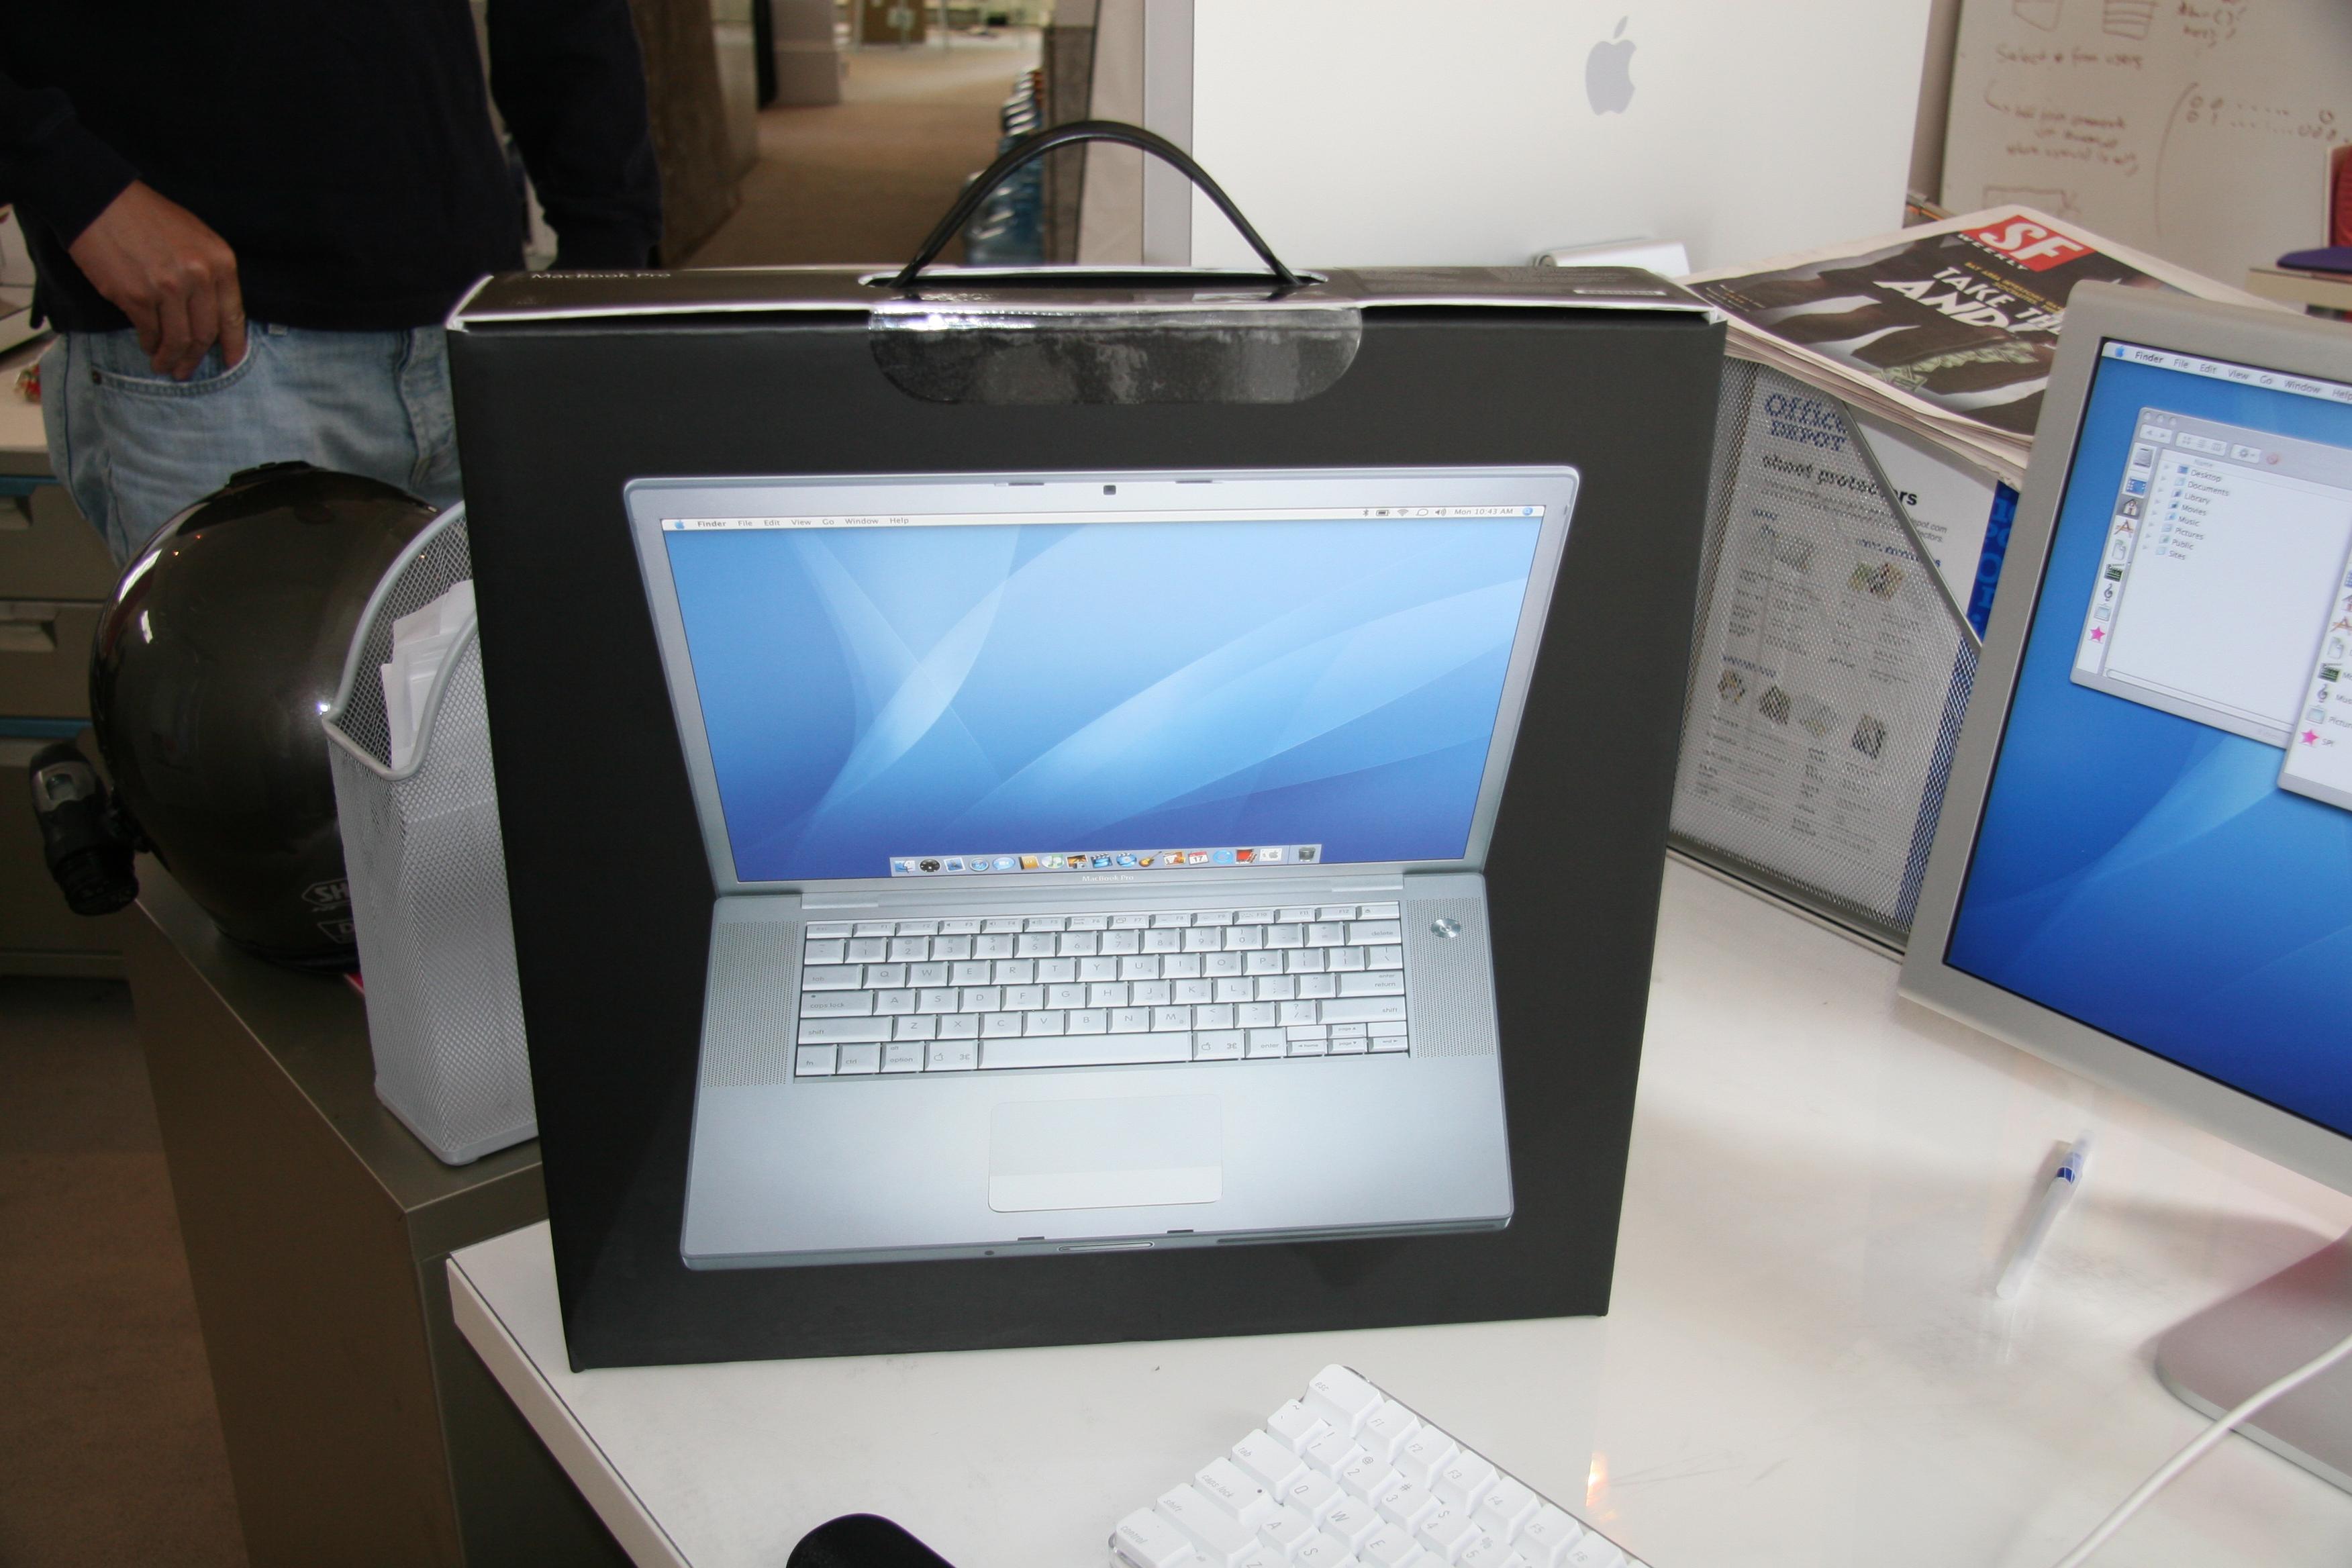 New Mercury Free MacBook Pro Unboxed!